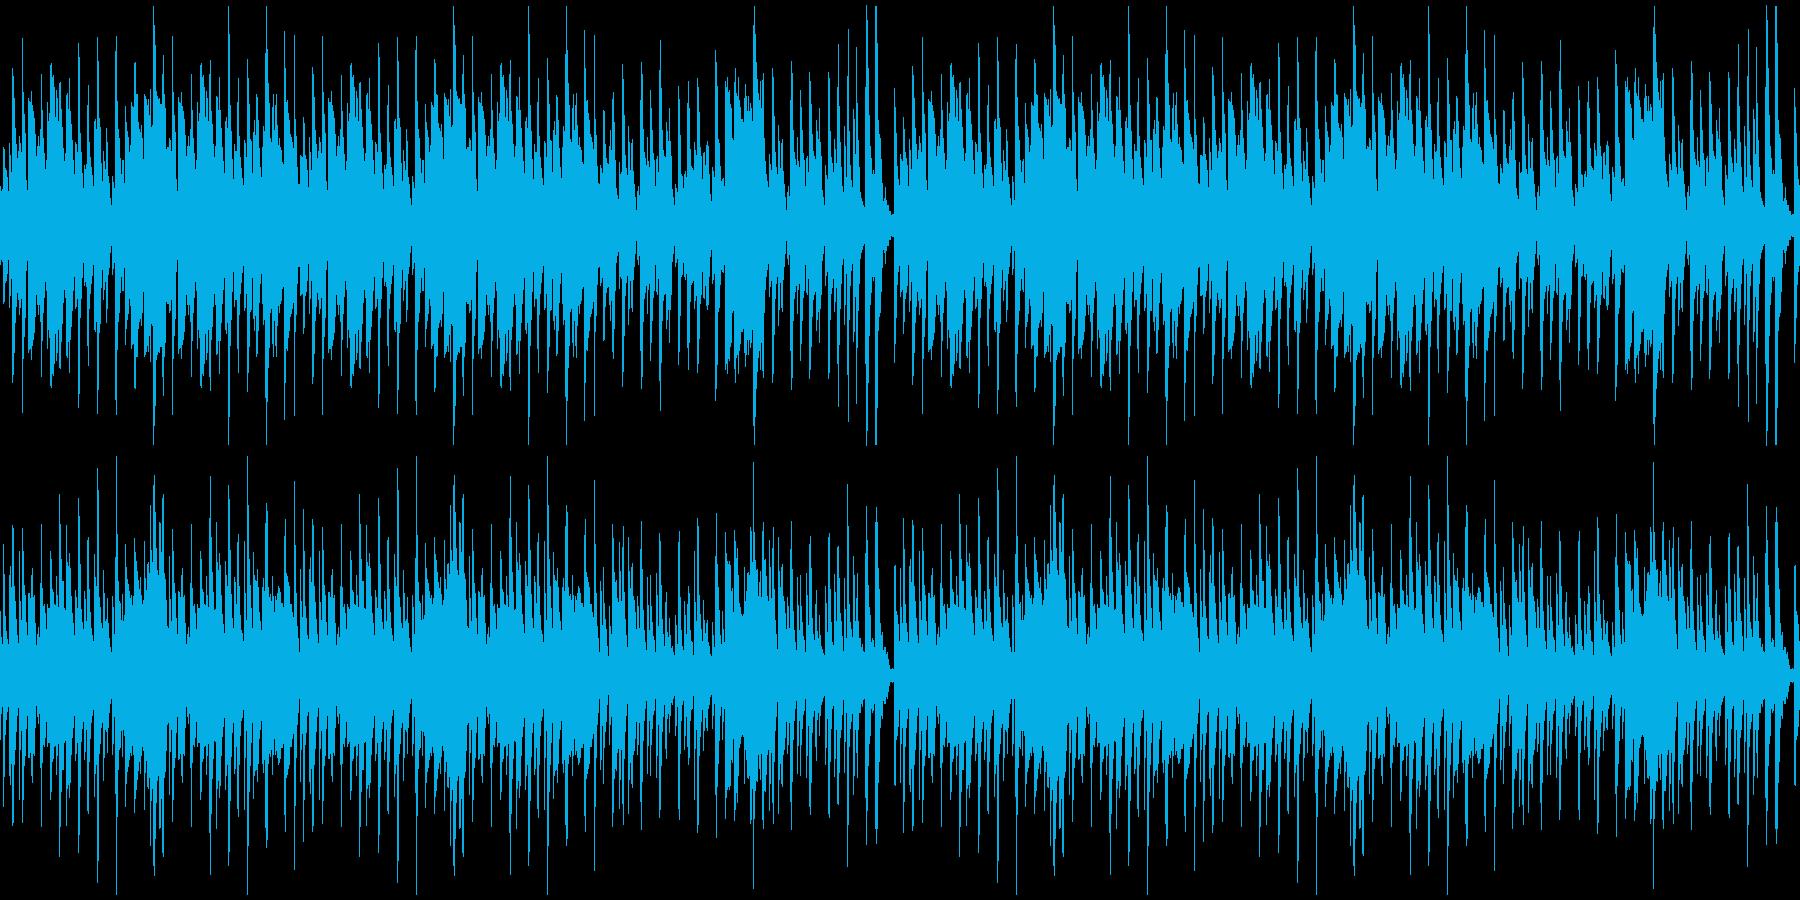 【YouTube】料理クッキングなピアノの再生済みの波形